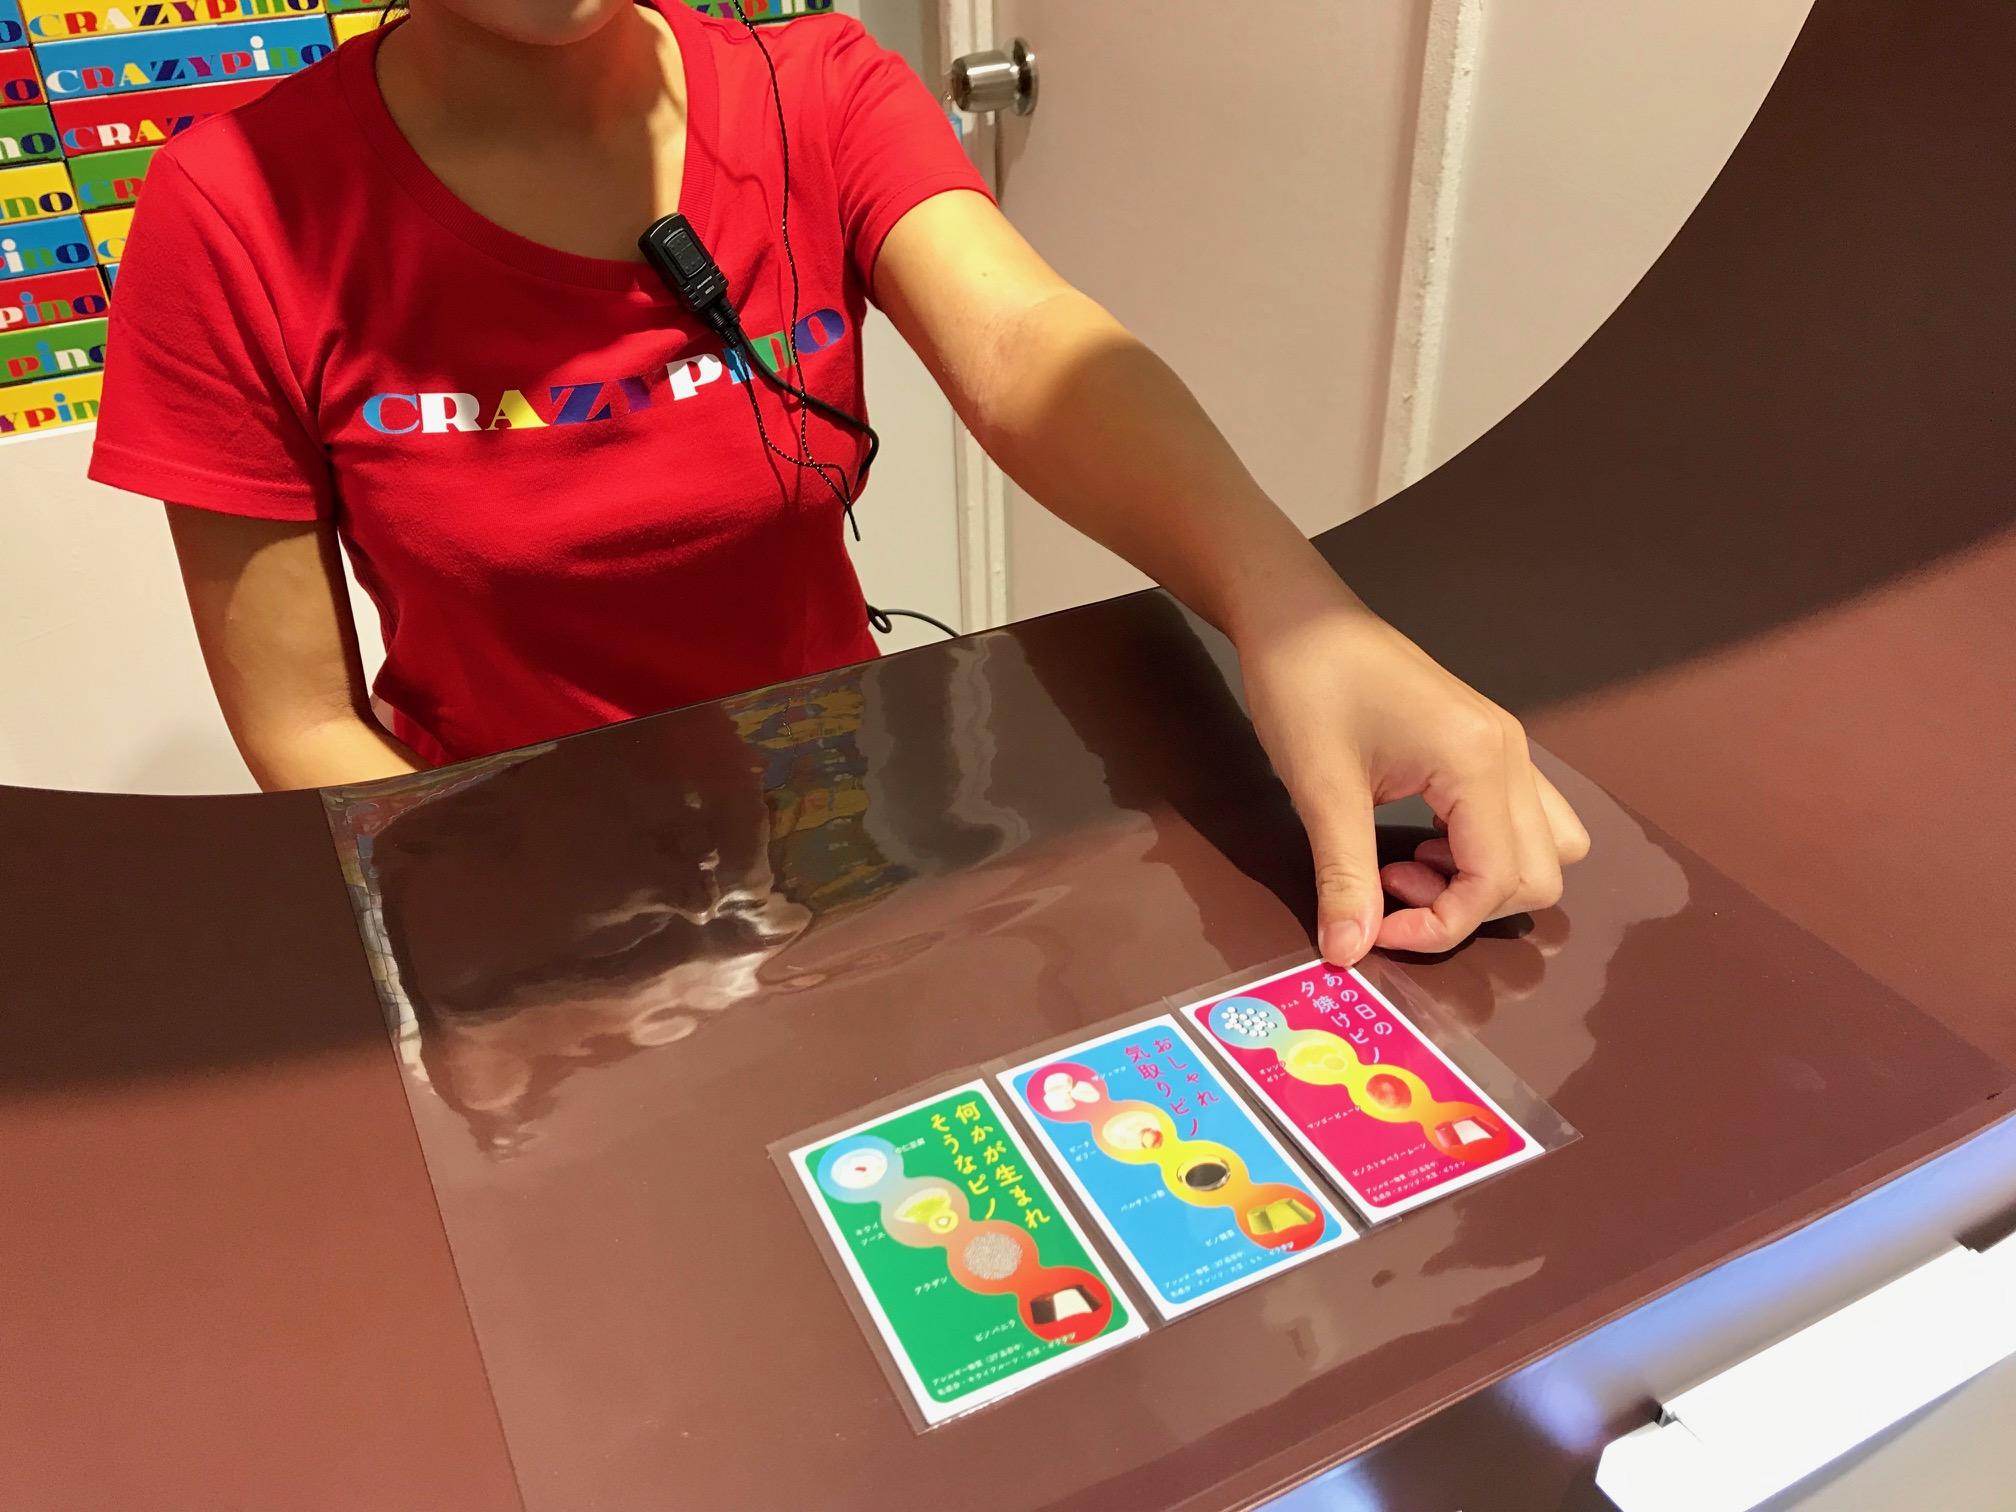 タピオカと「ピノ」を一緒に食べる!? 「ピノ」の未知の美味しさを楽しむ「CRAZYpino STUDIO」Photo Gallery_1_9